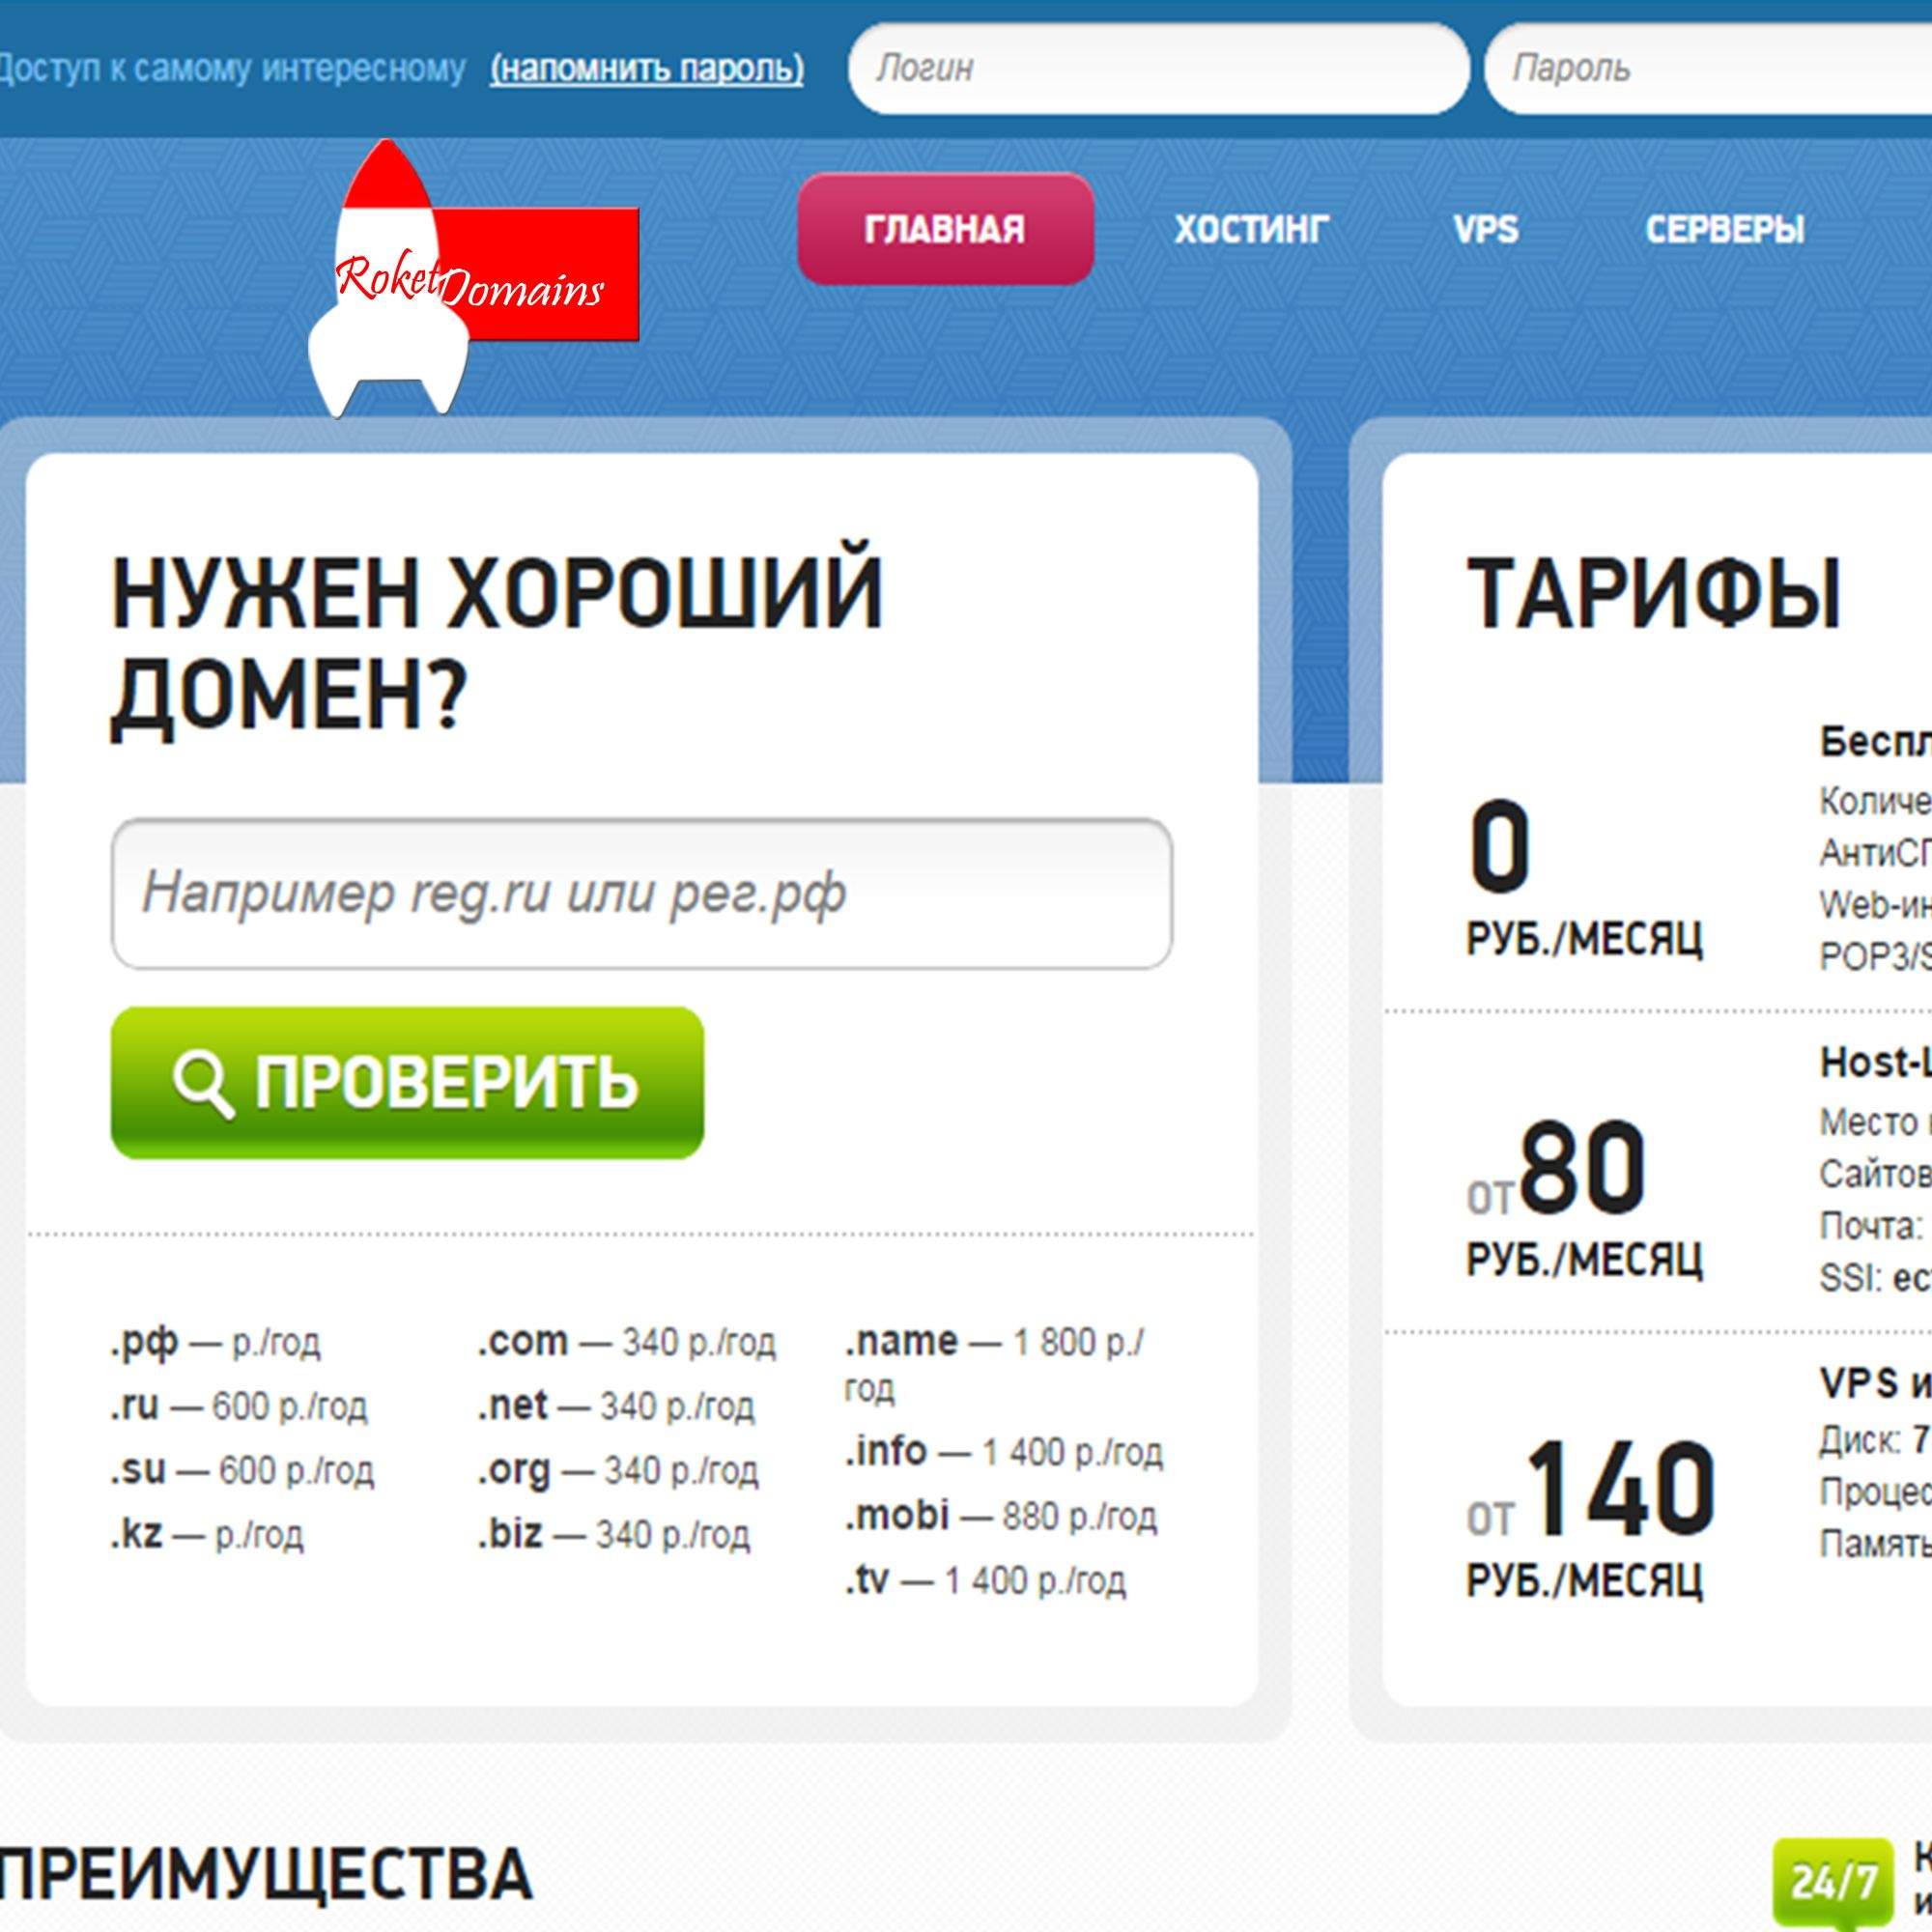 Логотип для регистратора RocketDomains.ru - дизайнер vl_boss